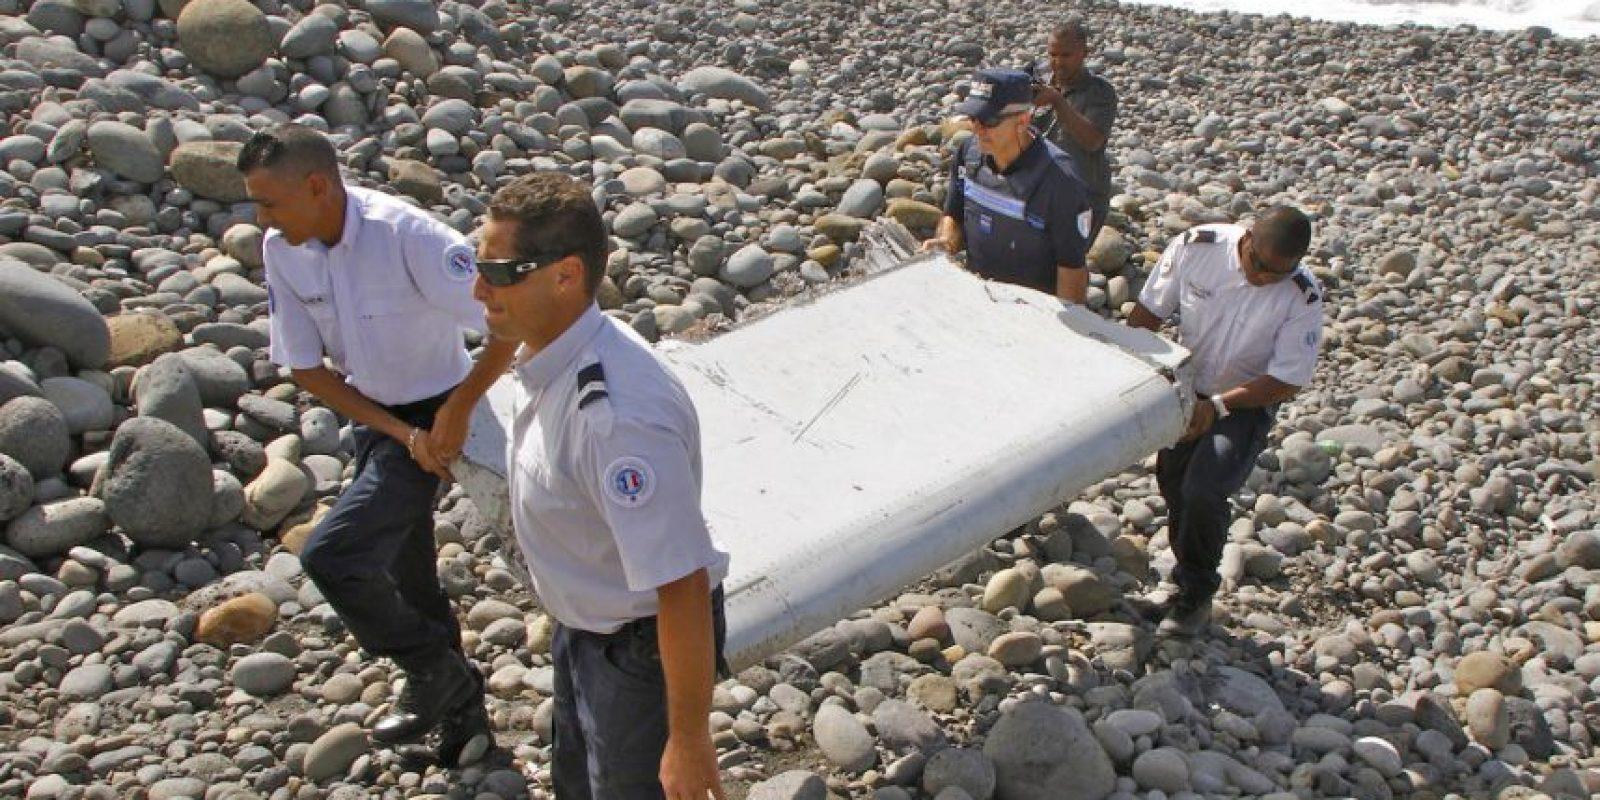 Los restos fueron analizados por autoridades francesas. Foto:AP